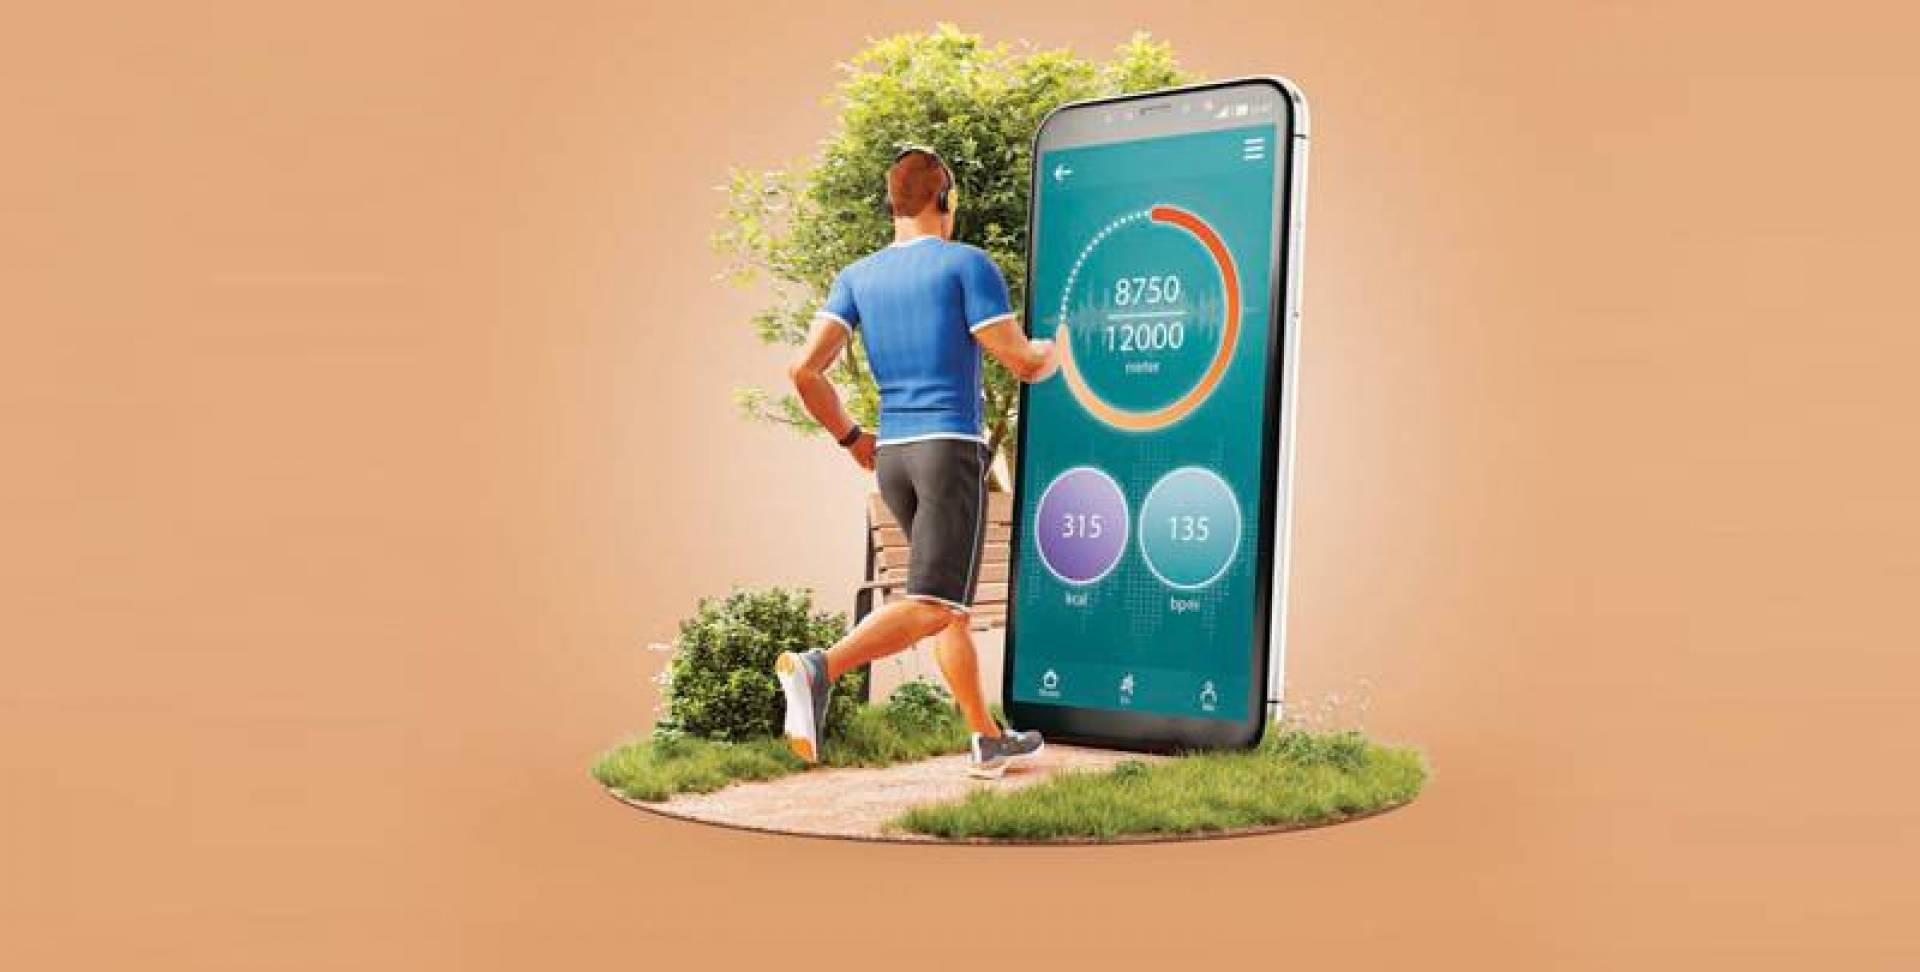 تطبيق يقدم تمرينات رياضية و«يوغا» مجاناً.. لمدة 90 يوماً